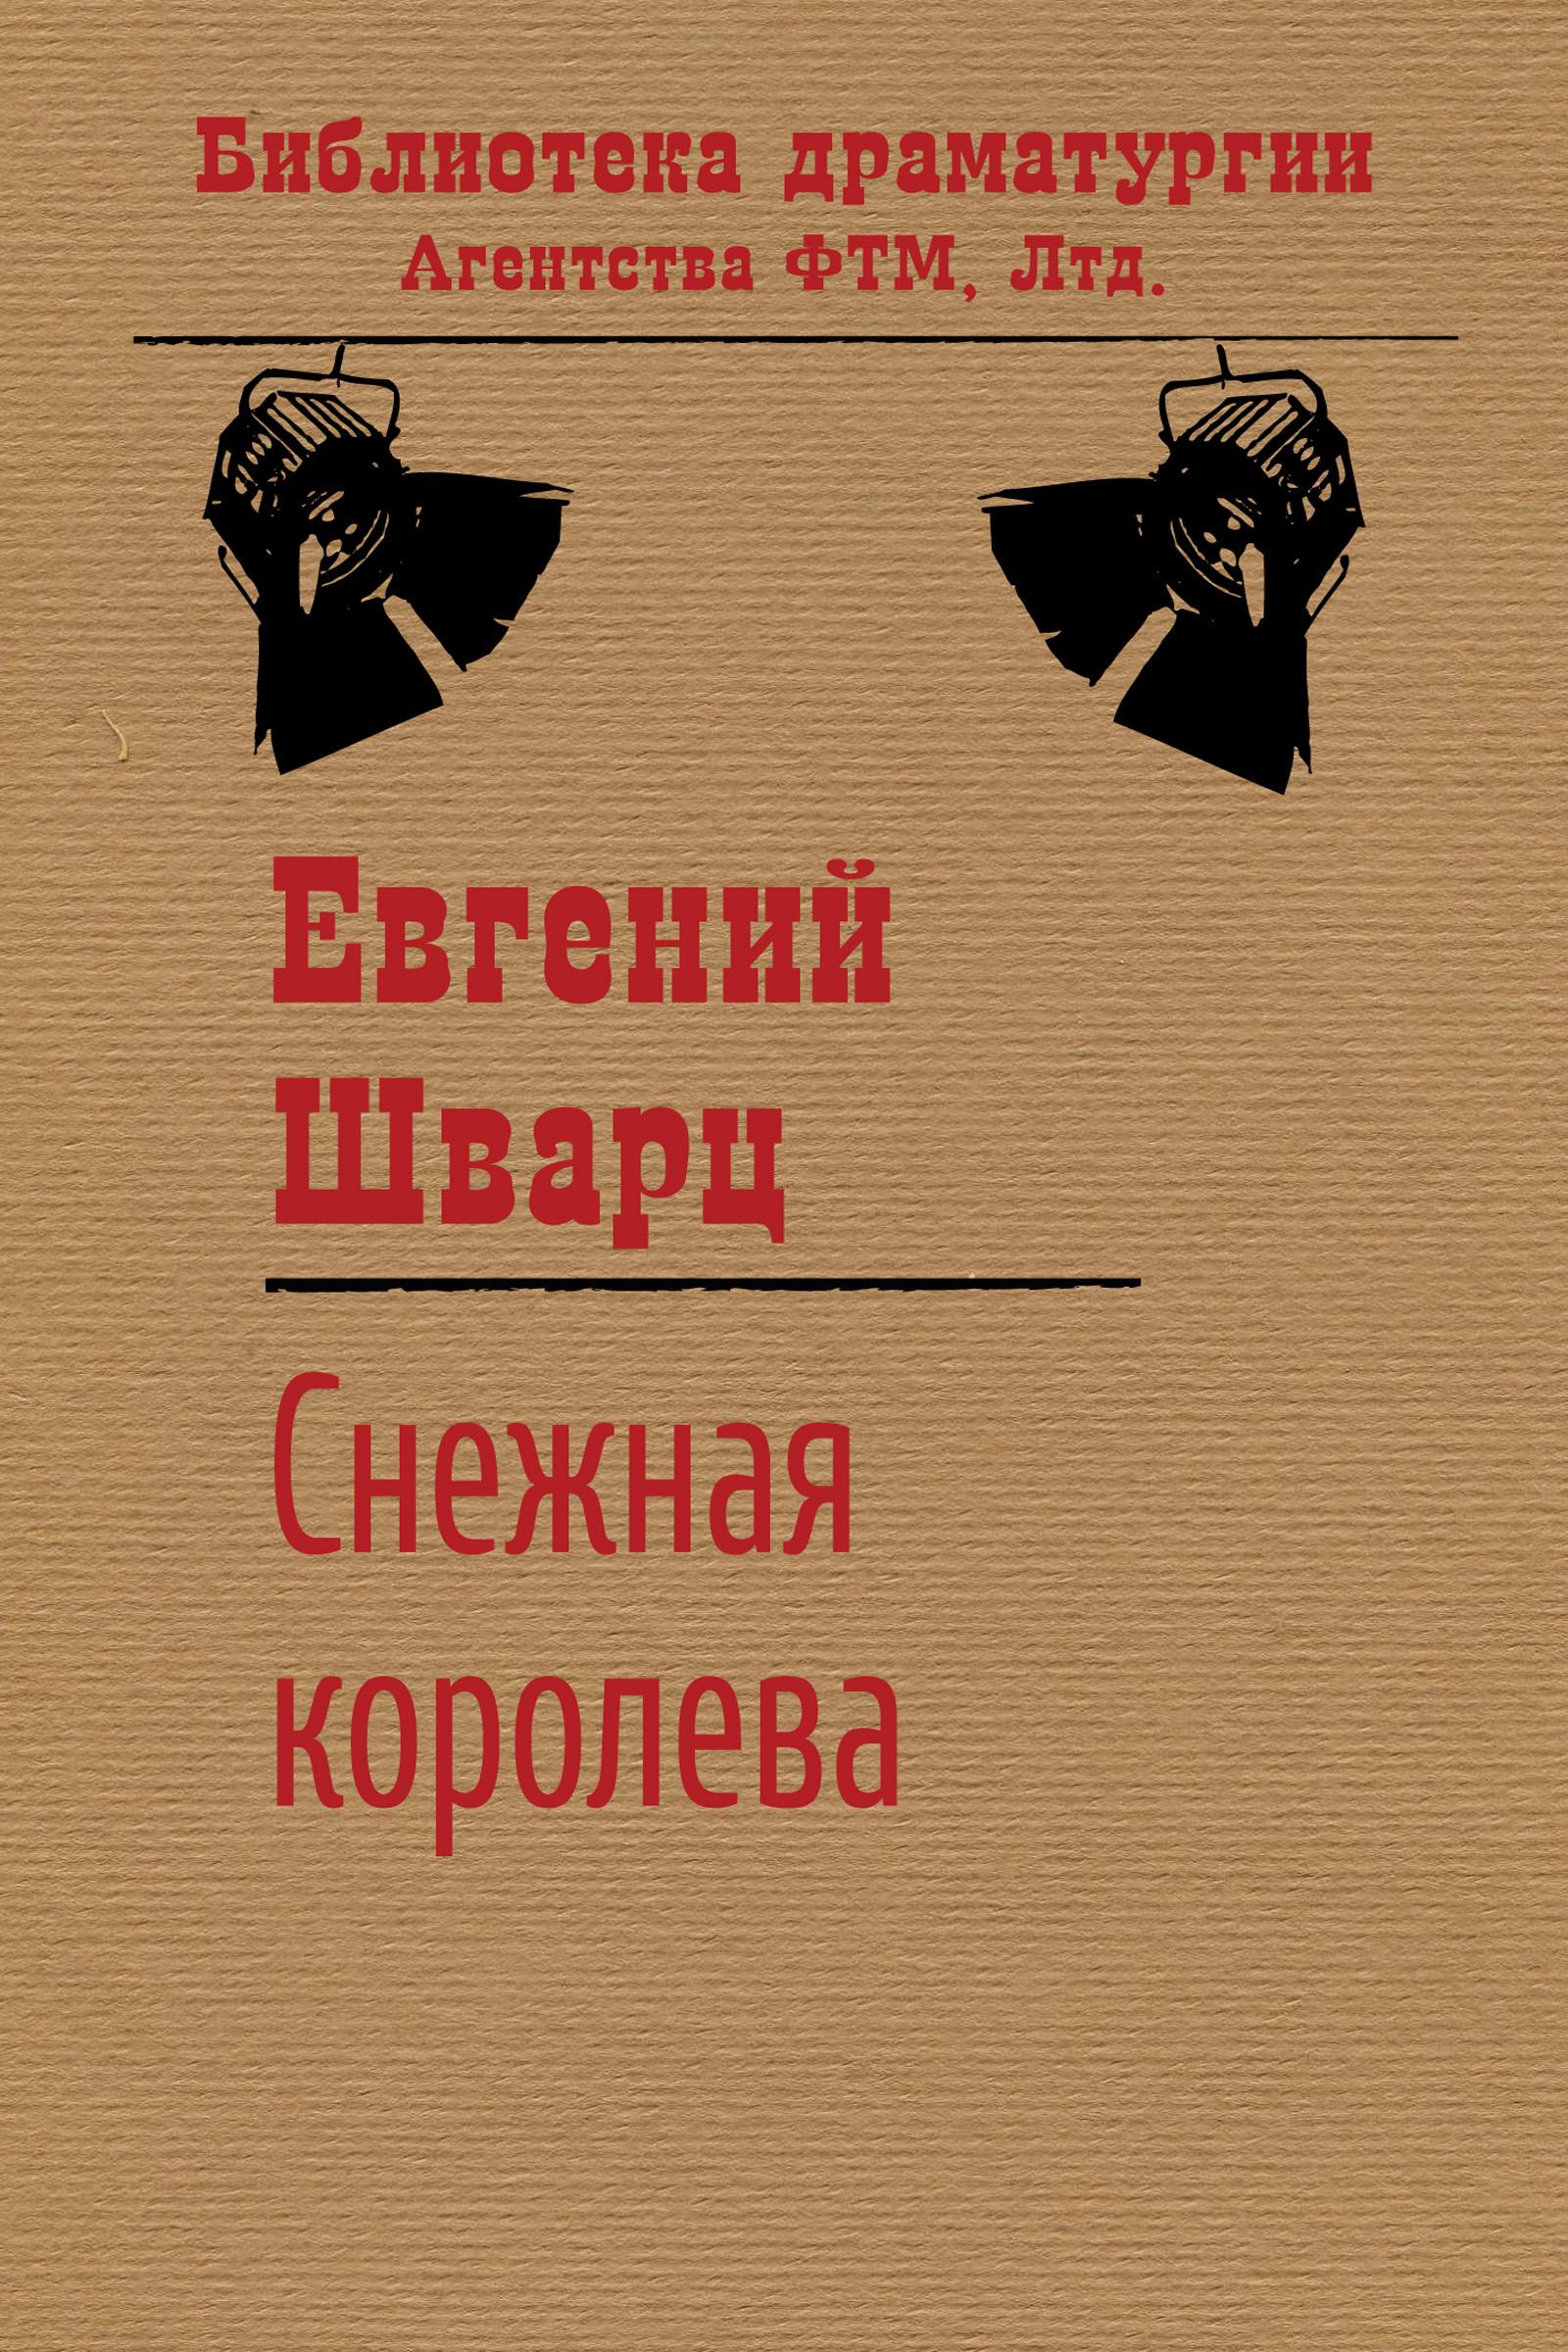 Евгений Шварц. Снежная королева